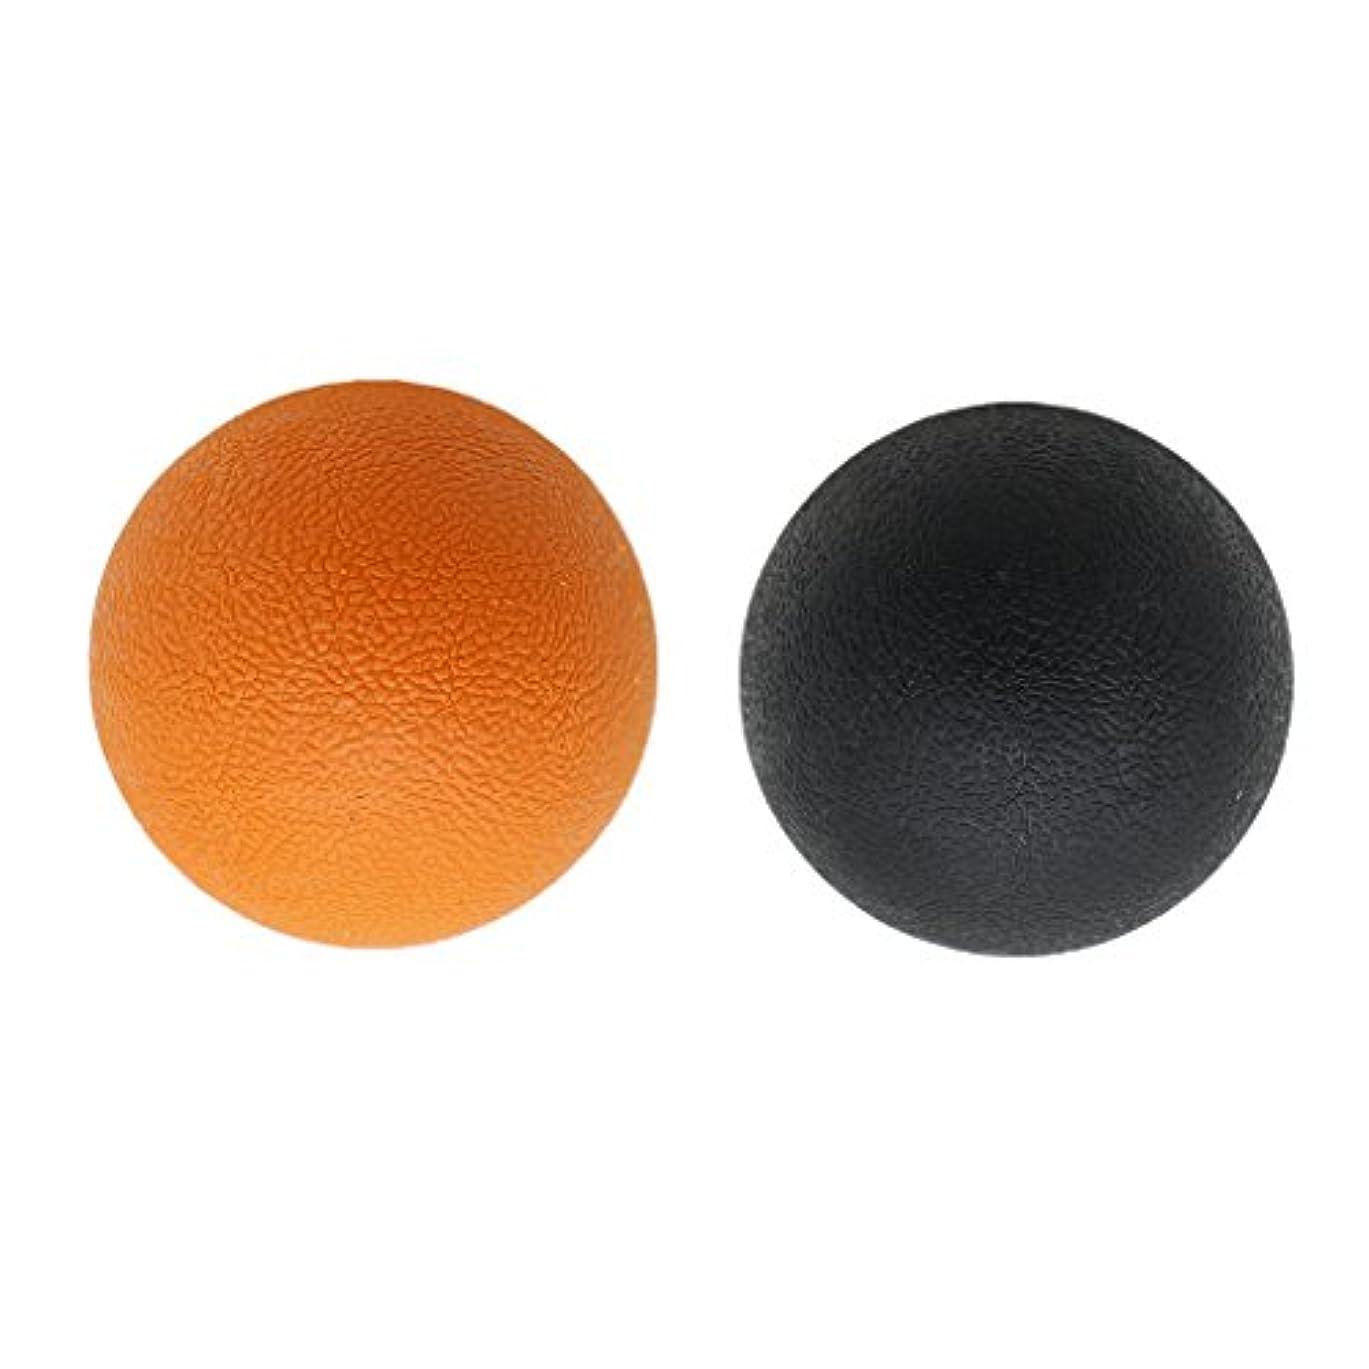 手書きまぶしさベンチャー2個 マッサージボール ラクロスボール トリガ ポイントマッサージ 弾性TPE 多色選べる - オレンジブラック